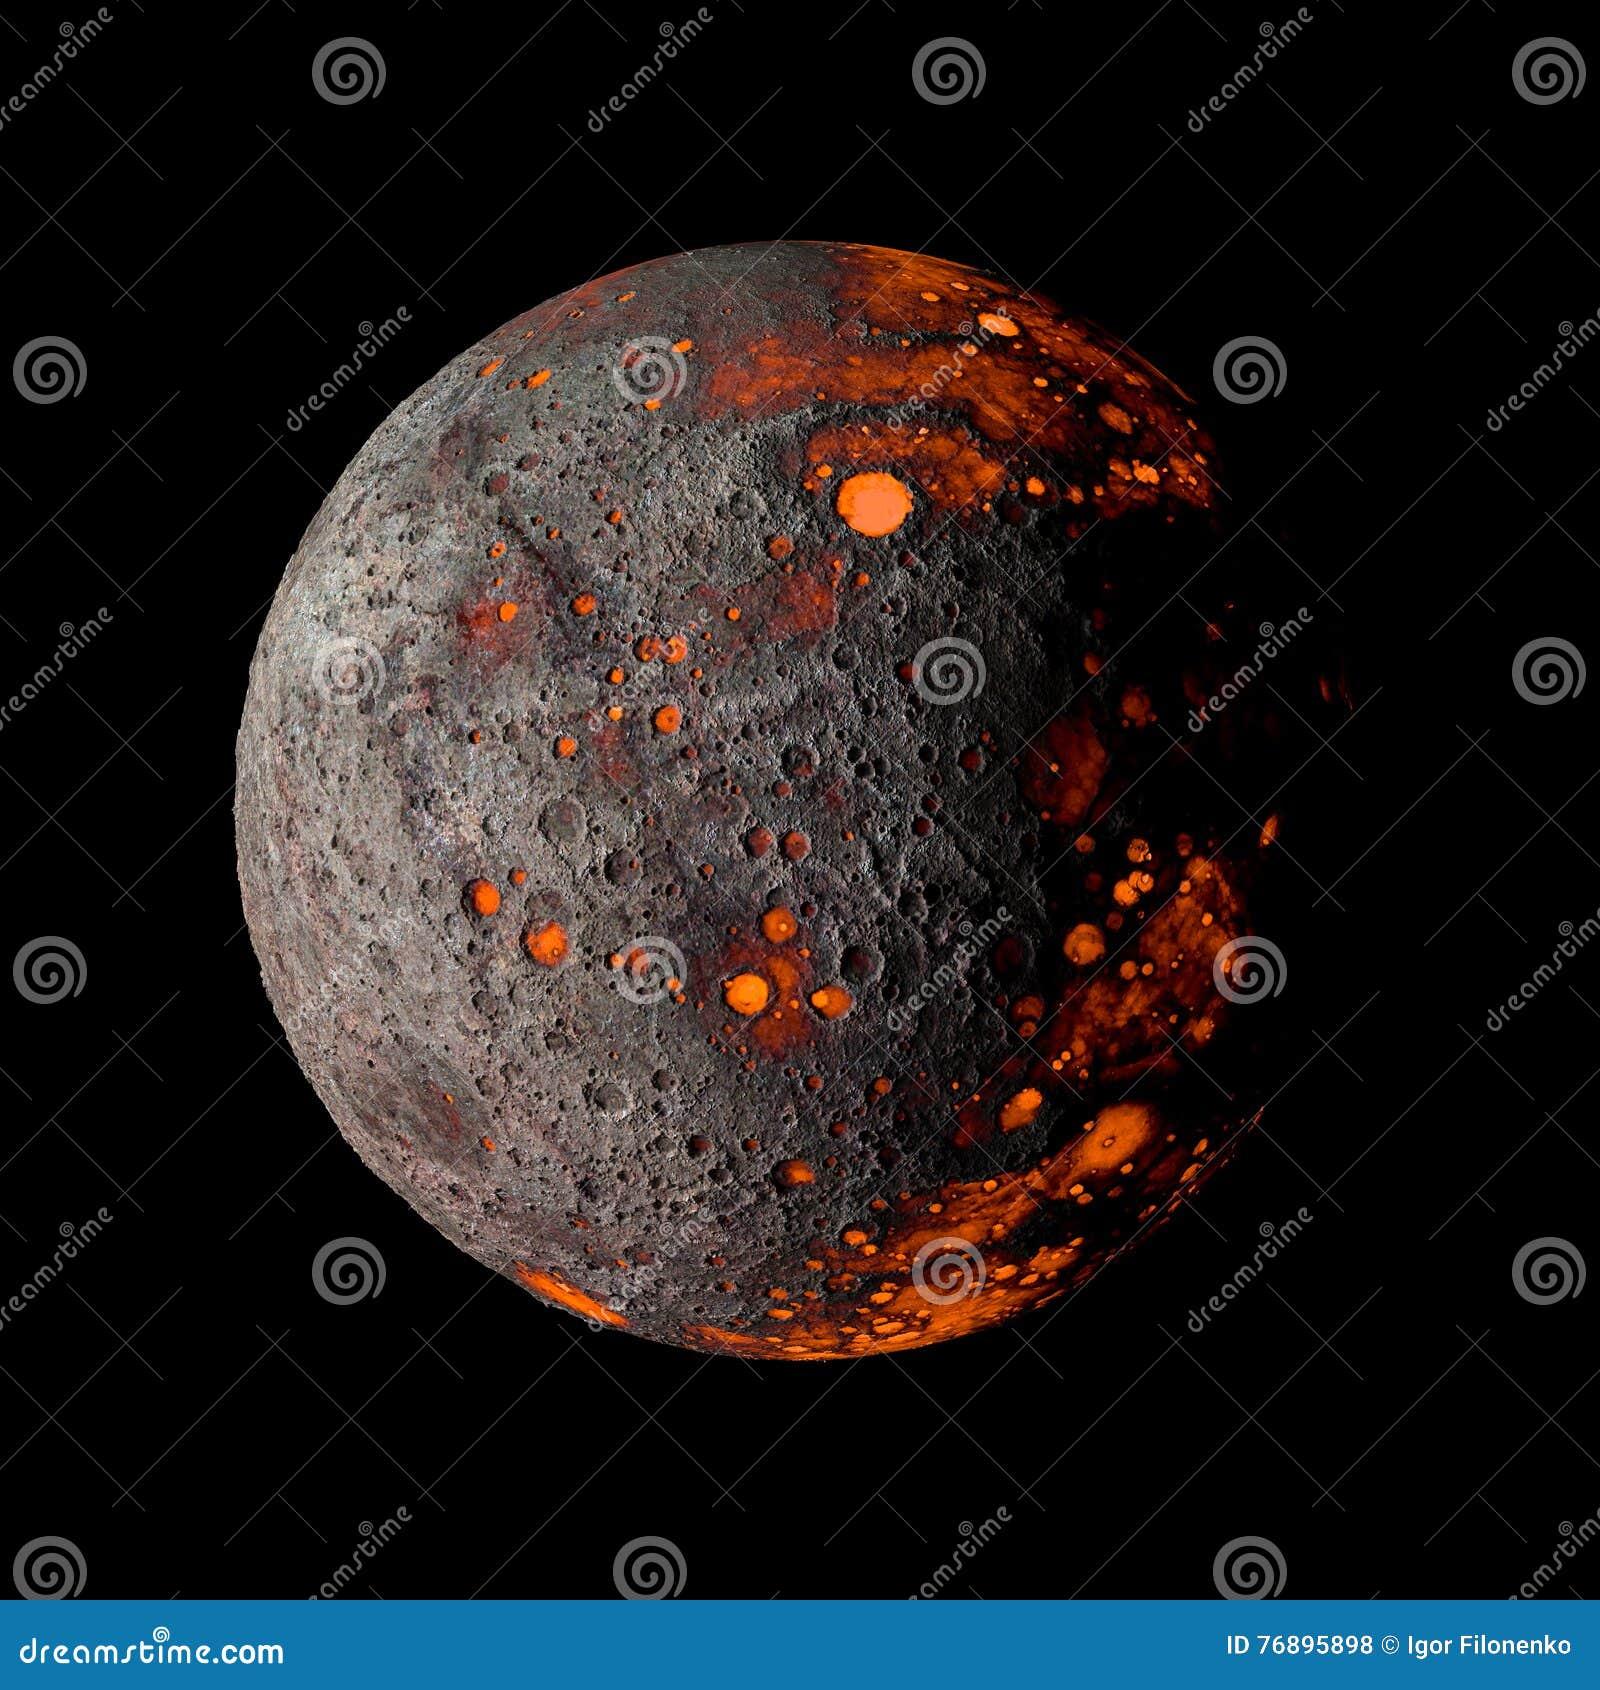 Αλλοδαπός καυτός πλανήτης στη μαύρη τρισδιάστατη απόδοση υποβάθρου